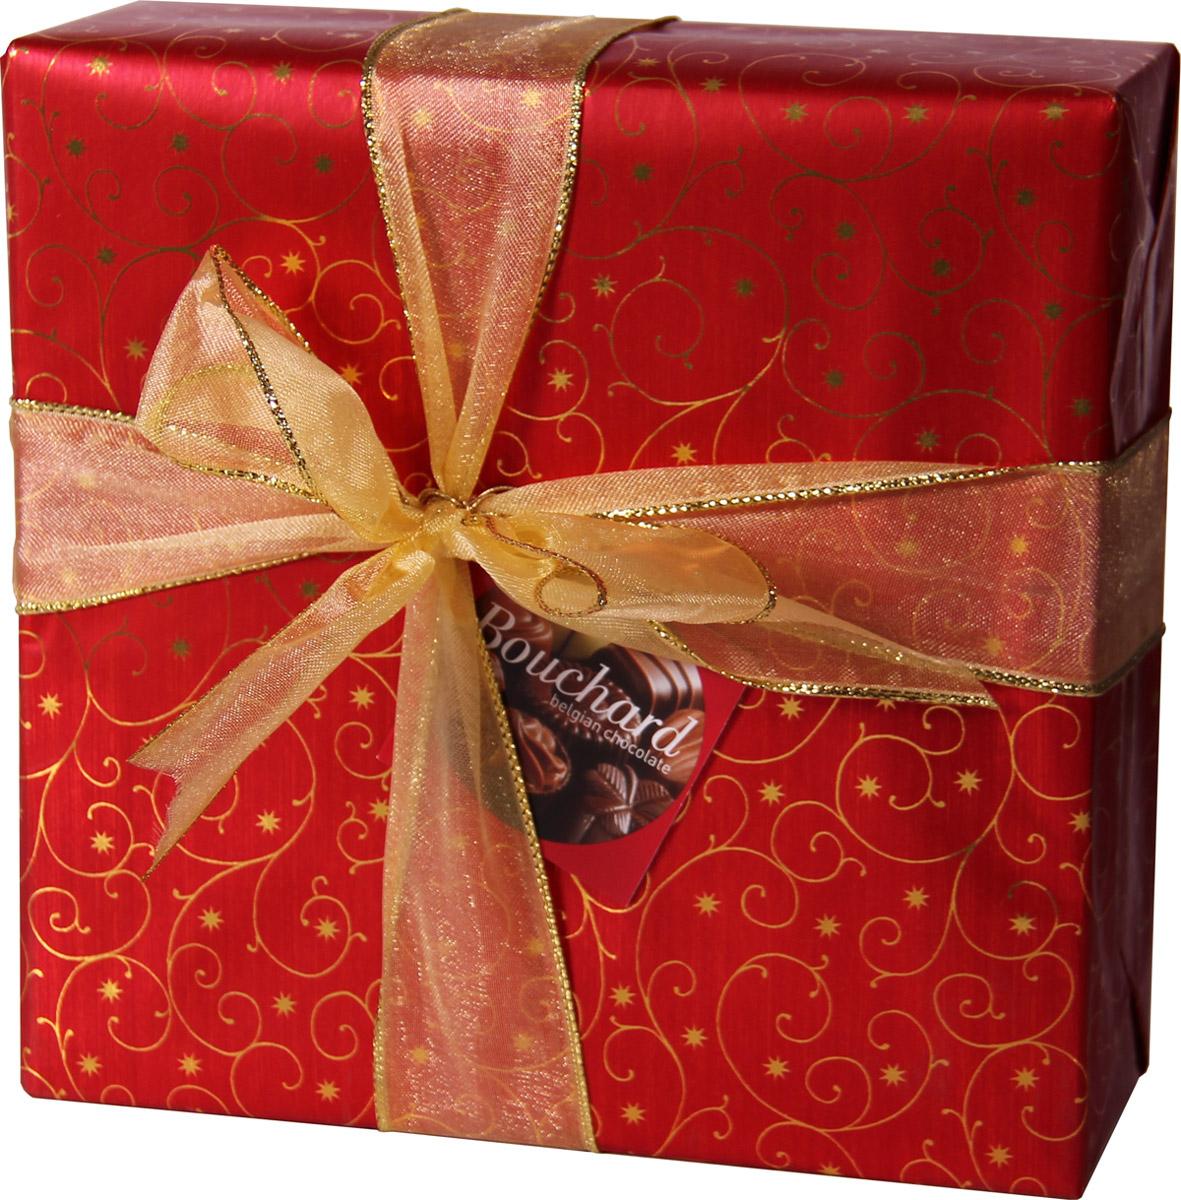 Bouchard Ассорти Премиум Бельгийская Шоколадная коллекция, 370 г0120710Восхитительные бельгийские шоколадные конфеты BOUCHARD L'ESCAUT Ассорти Премиум произведут впечатление на самого разборчивого знатока шоколада.Конфеты Bouchard наполнены нежнейшим кремом с добавлением миндаля и фундука. Покрыты изысканным бельгийским шоколадом. Отличаются ароматом ванили и насыщенным вкусом с притягательной терпкостью.Бельгийцы - непревзойденные мастера в приготовлении шоколада - считают это лакомство лучшим подарком. Нежный, буквально тающий во рту, он доставит удовольствие всем любителям сладкого.